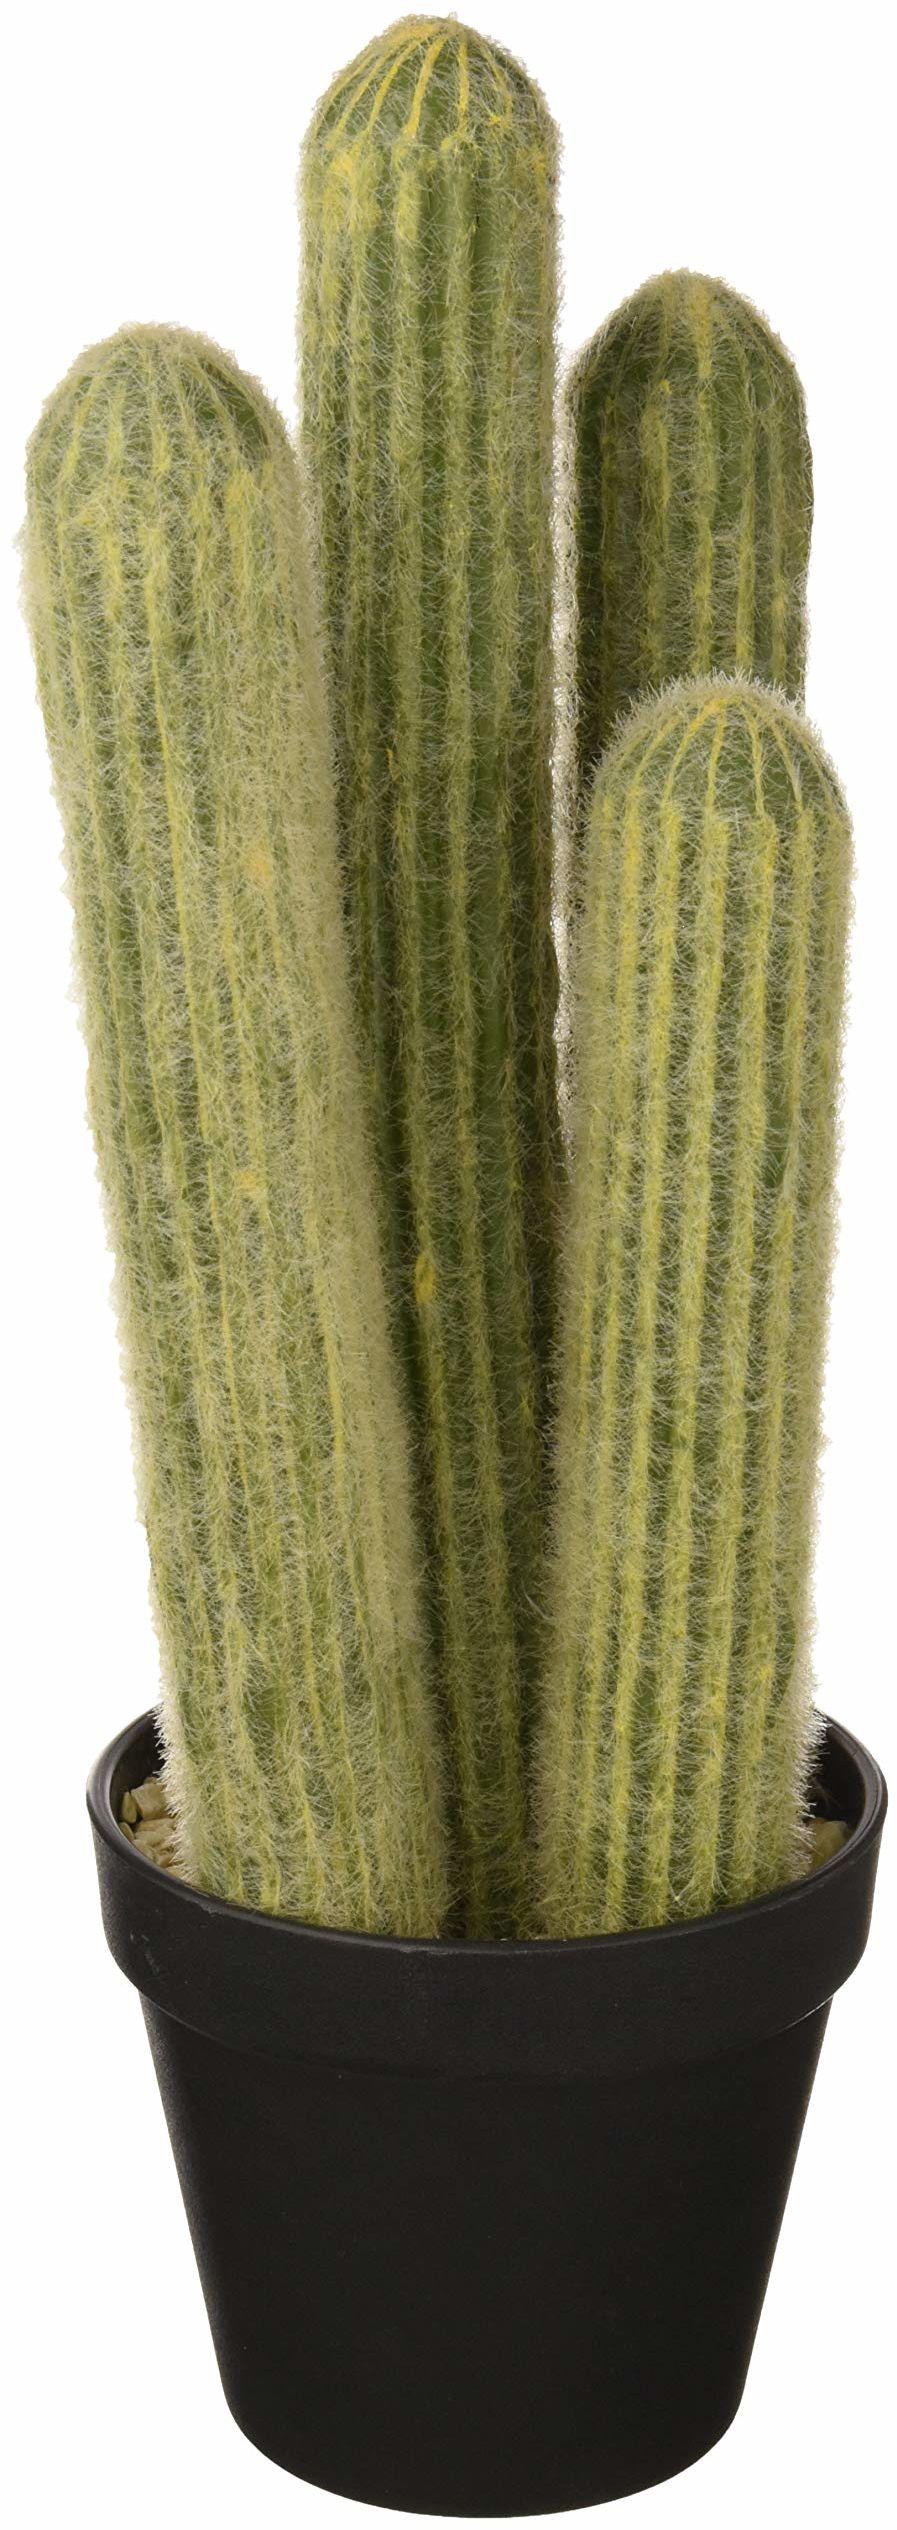 ASA 66216444 kaktus srebrna świeca w doniczce aktus, tworzywo sztuczne, zielona